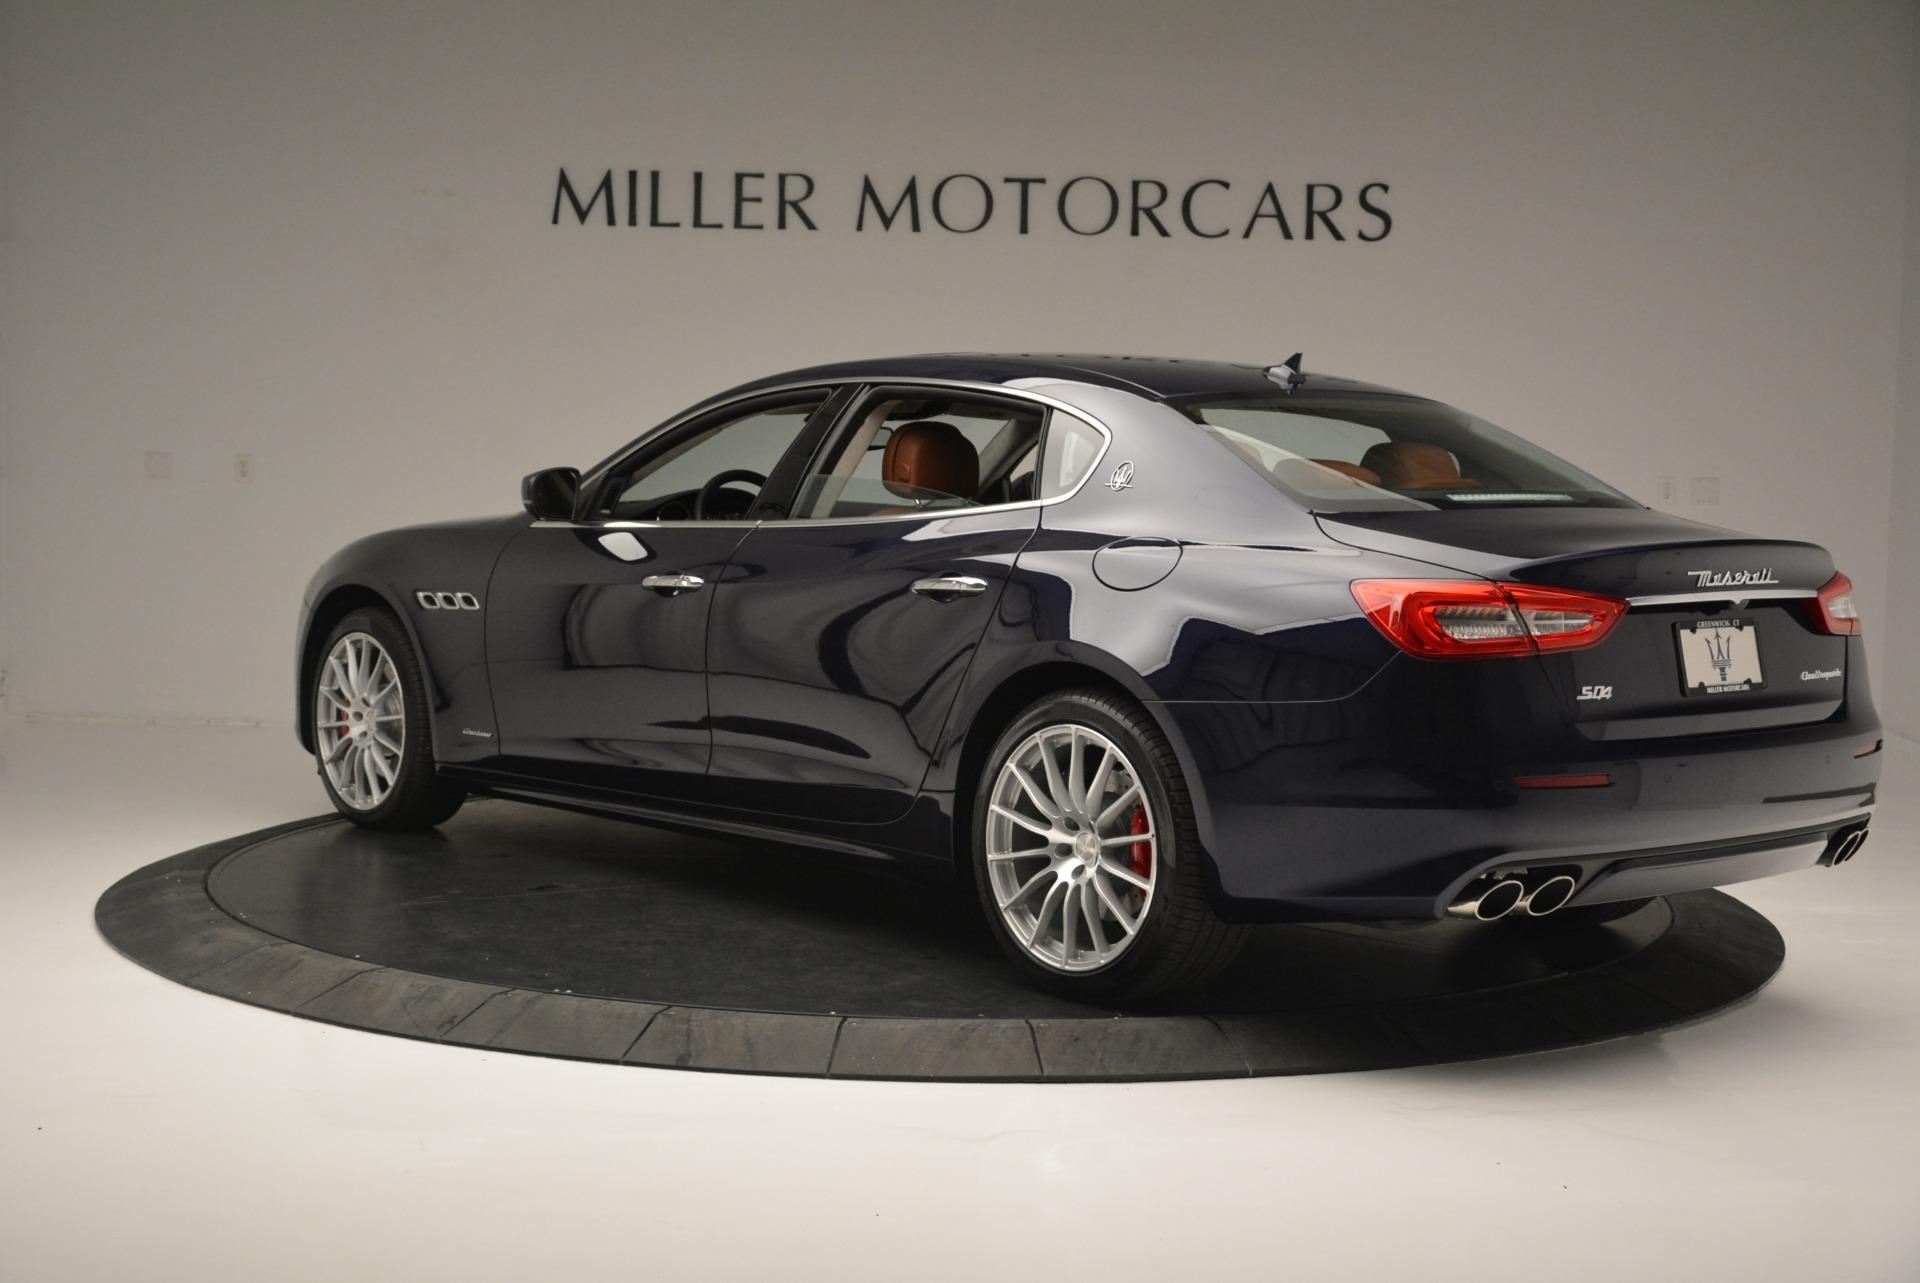 New 2018 Maserati Quattroporte S Q4 GranLusso For Sale In Westport, CT 1859_p5